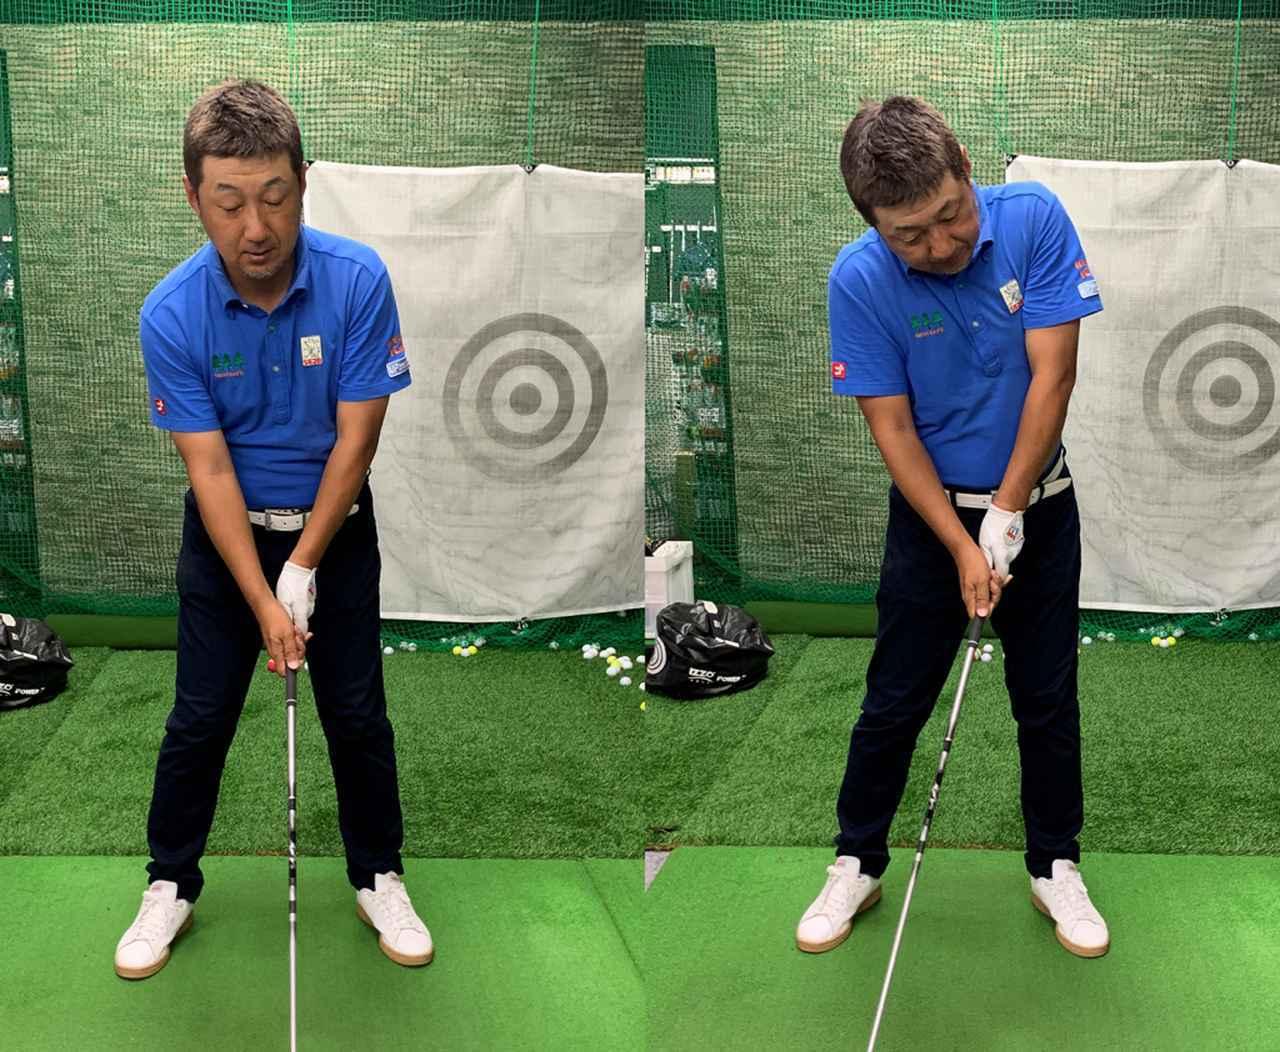 画像: アドレスでは肩の力を抜いていても(左)、インパクトでついついボールを打ちに行ってしまい、結局肩が上がってしまうのがアマチュア(右)